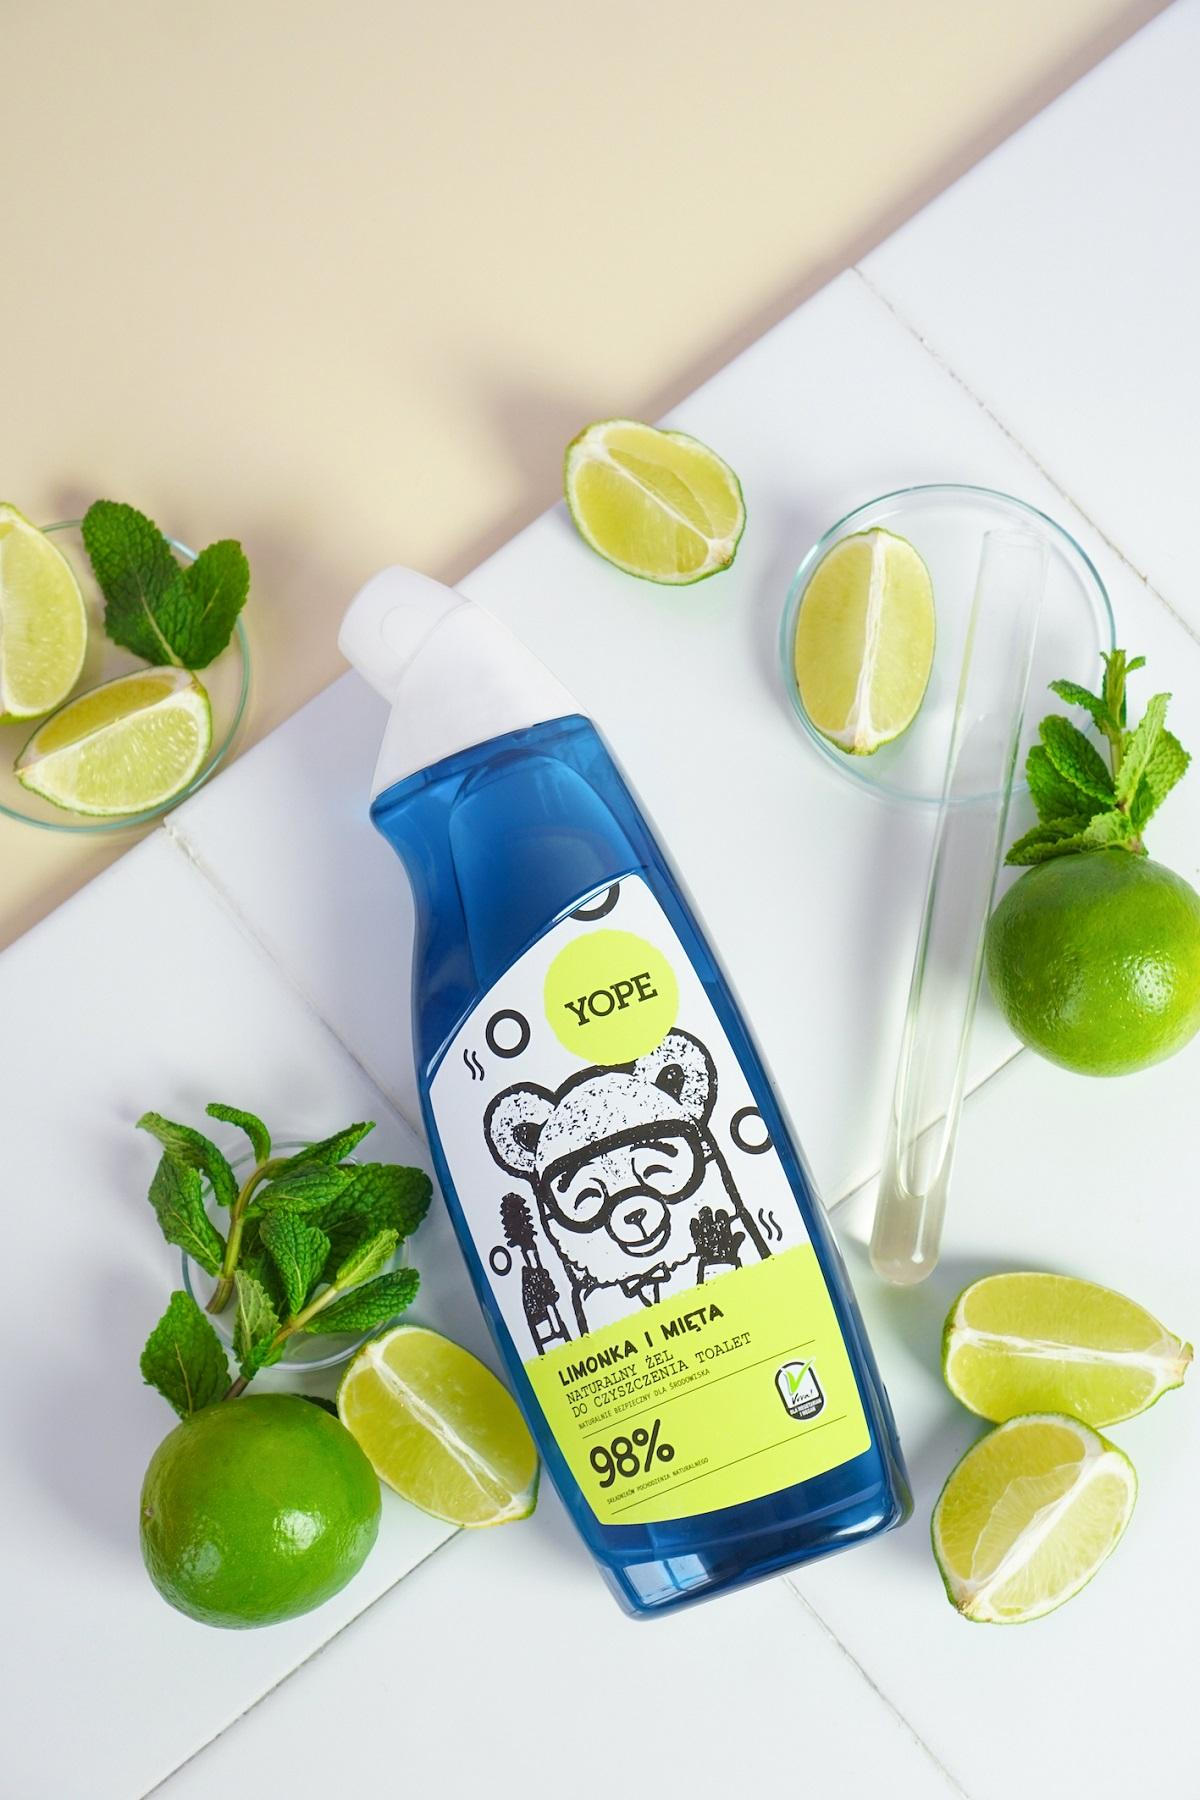 Yope naturalny żel do czyszczenia toalet limonka i mięta opinie